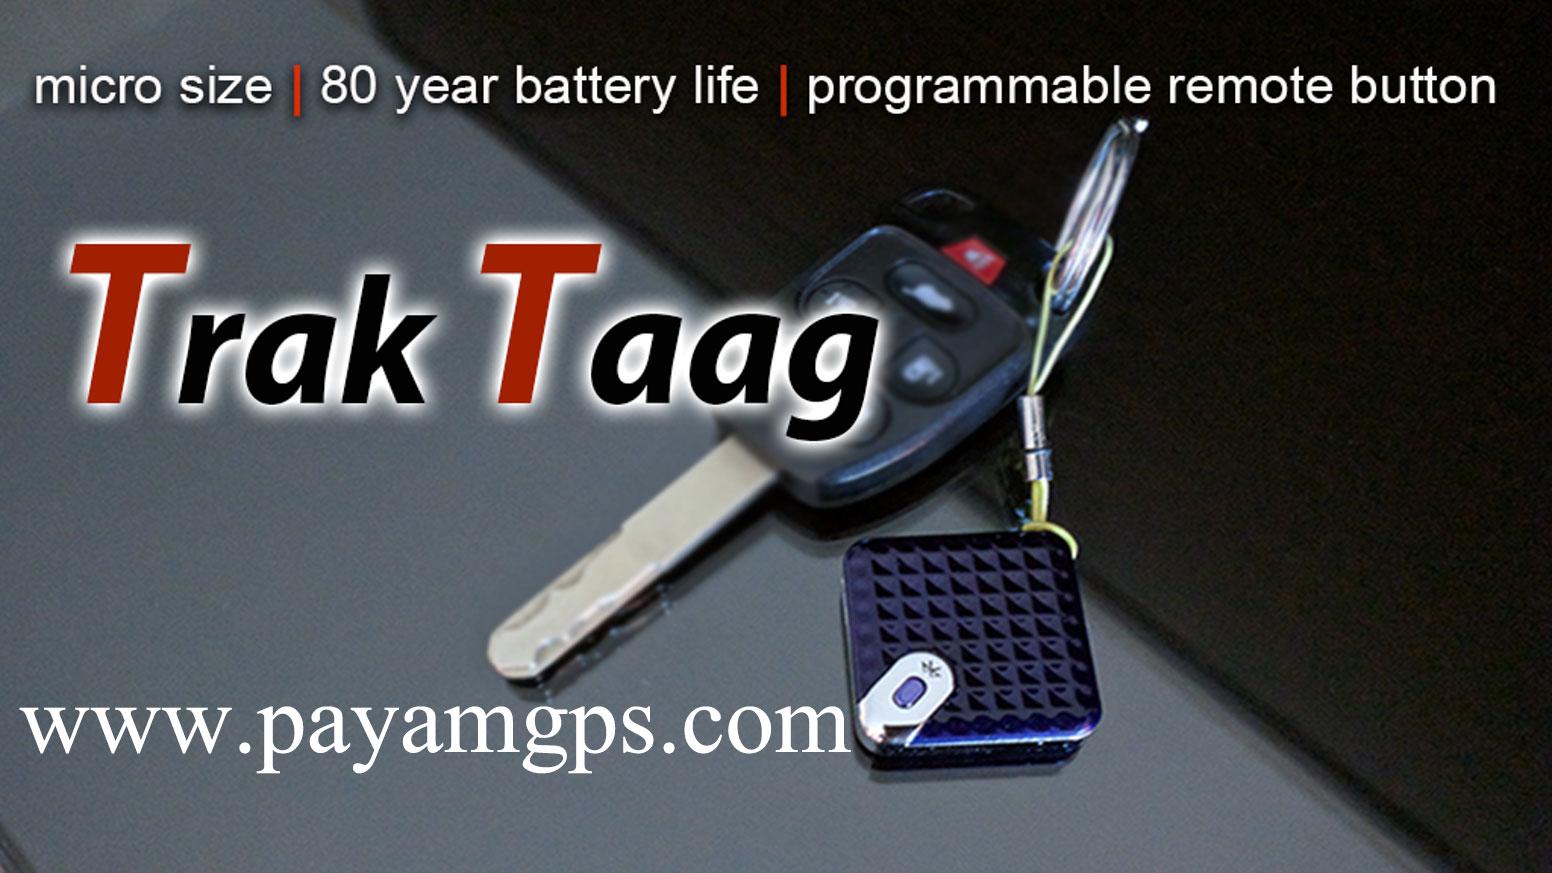 کوچکترین ردیاب جی پی اس Trak Taag برای ردیابی کودکان و موبایل